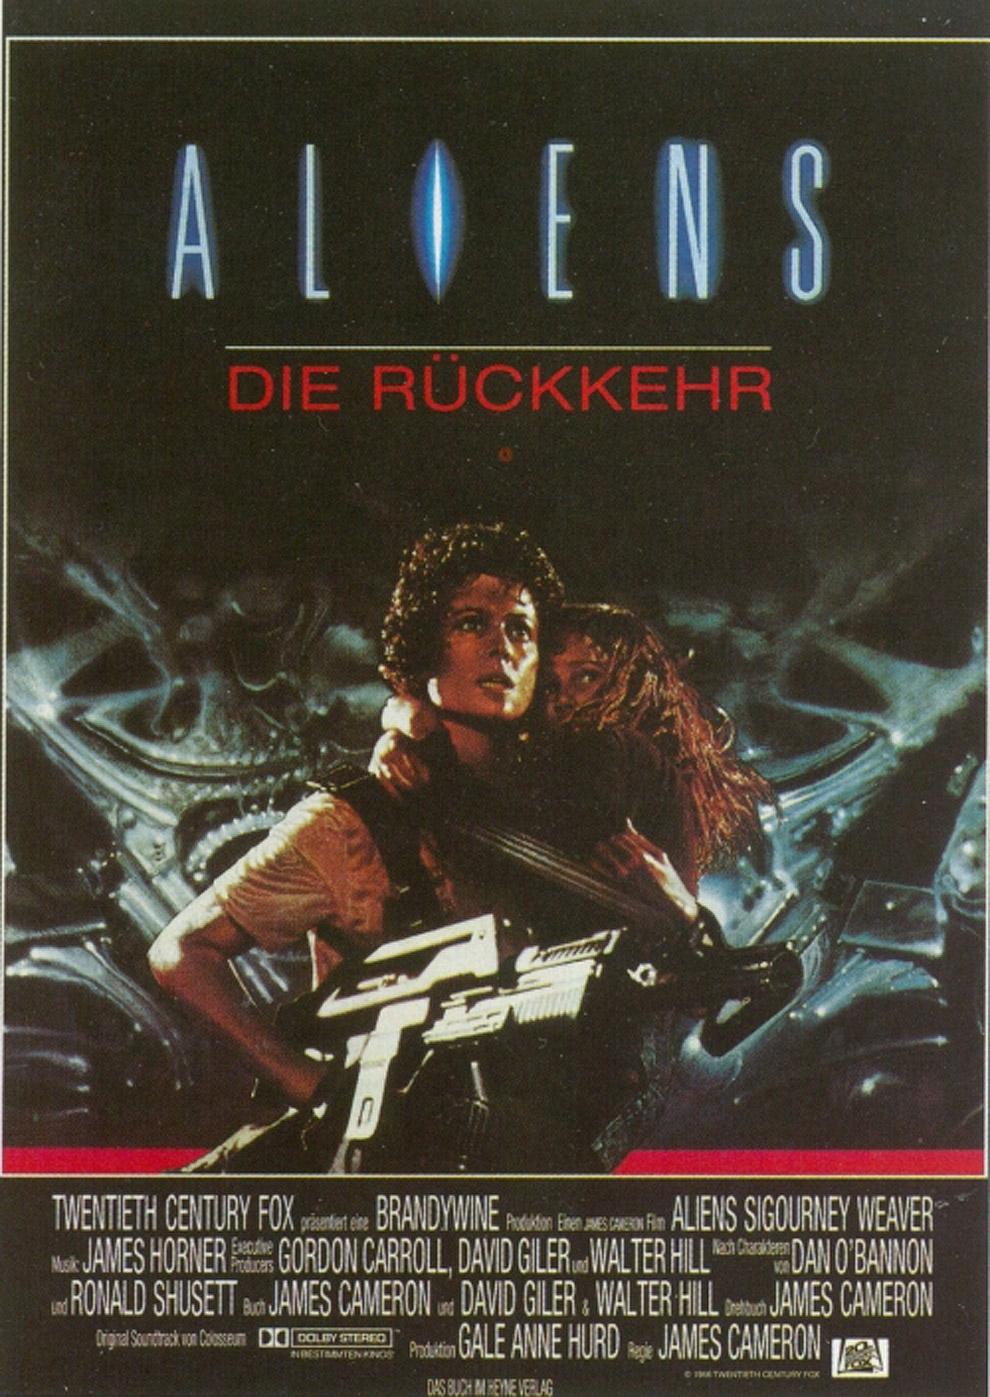 Aliens - Die Rückkehr (Poster)